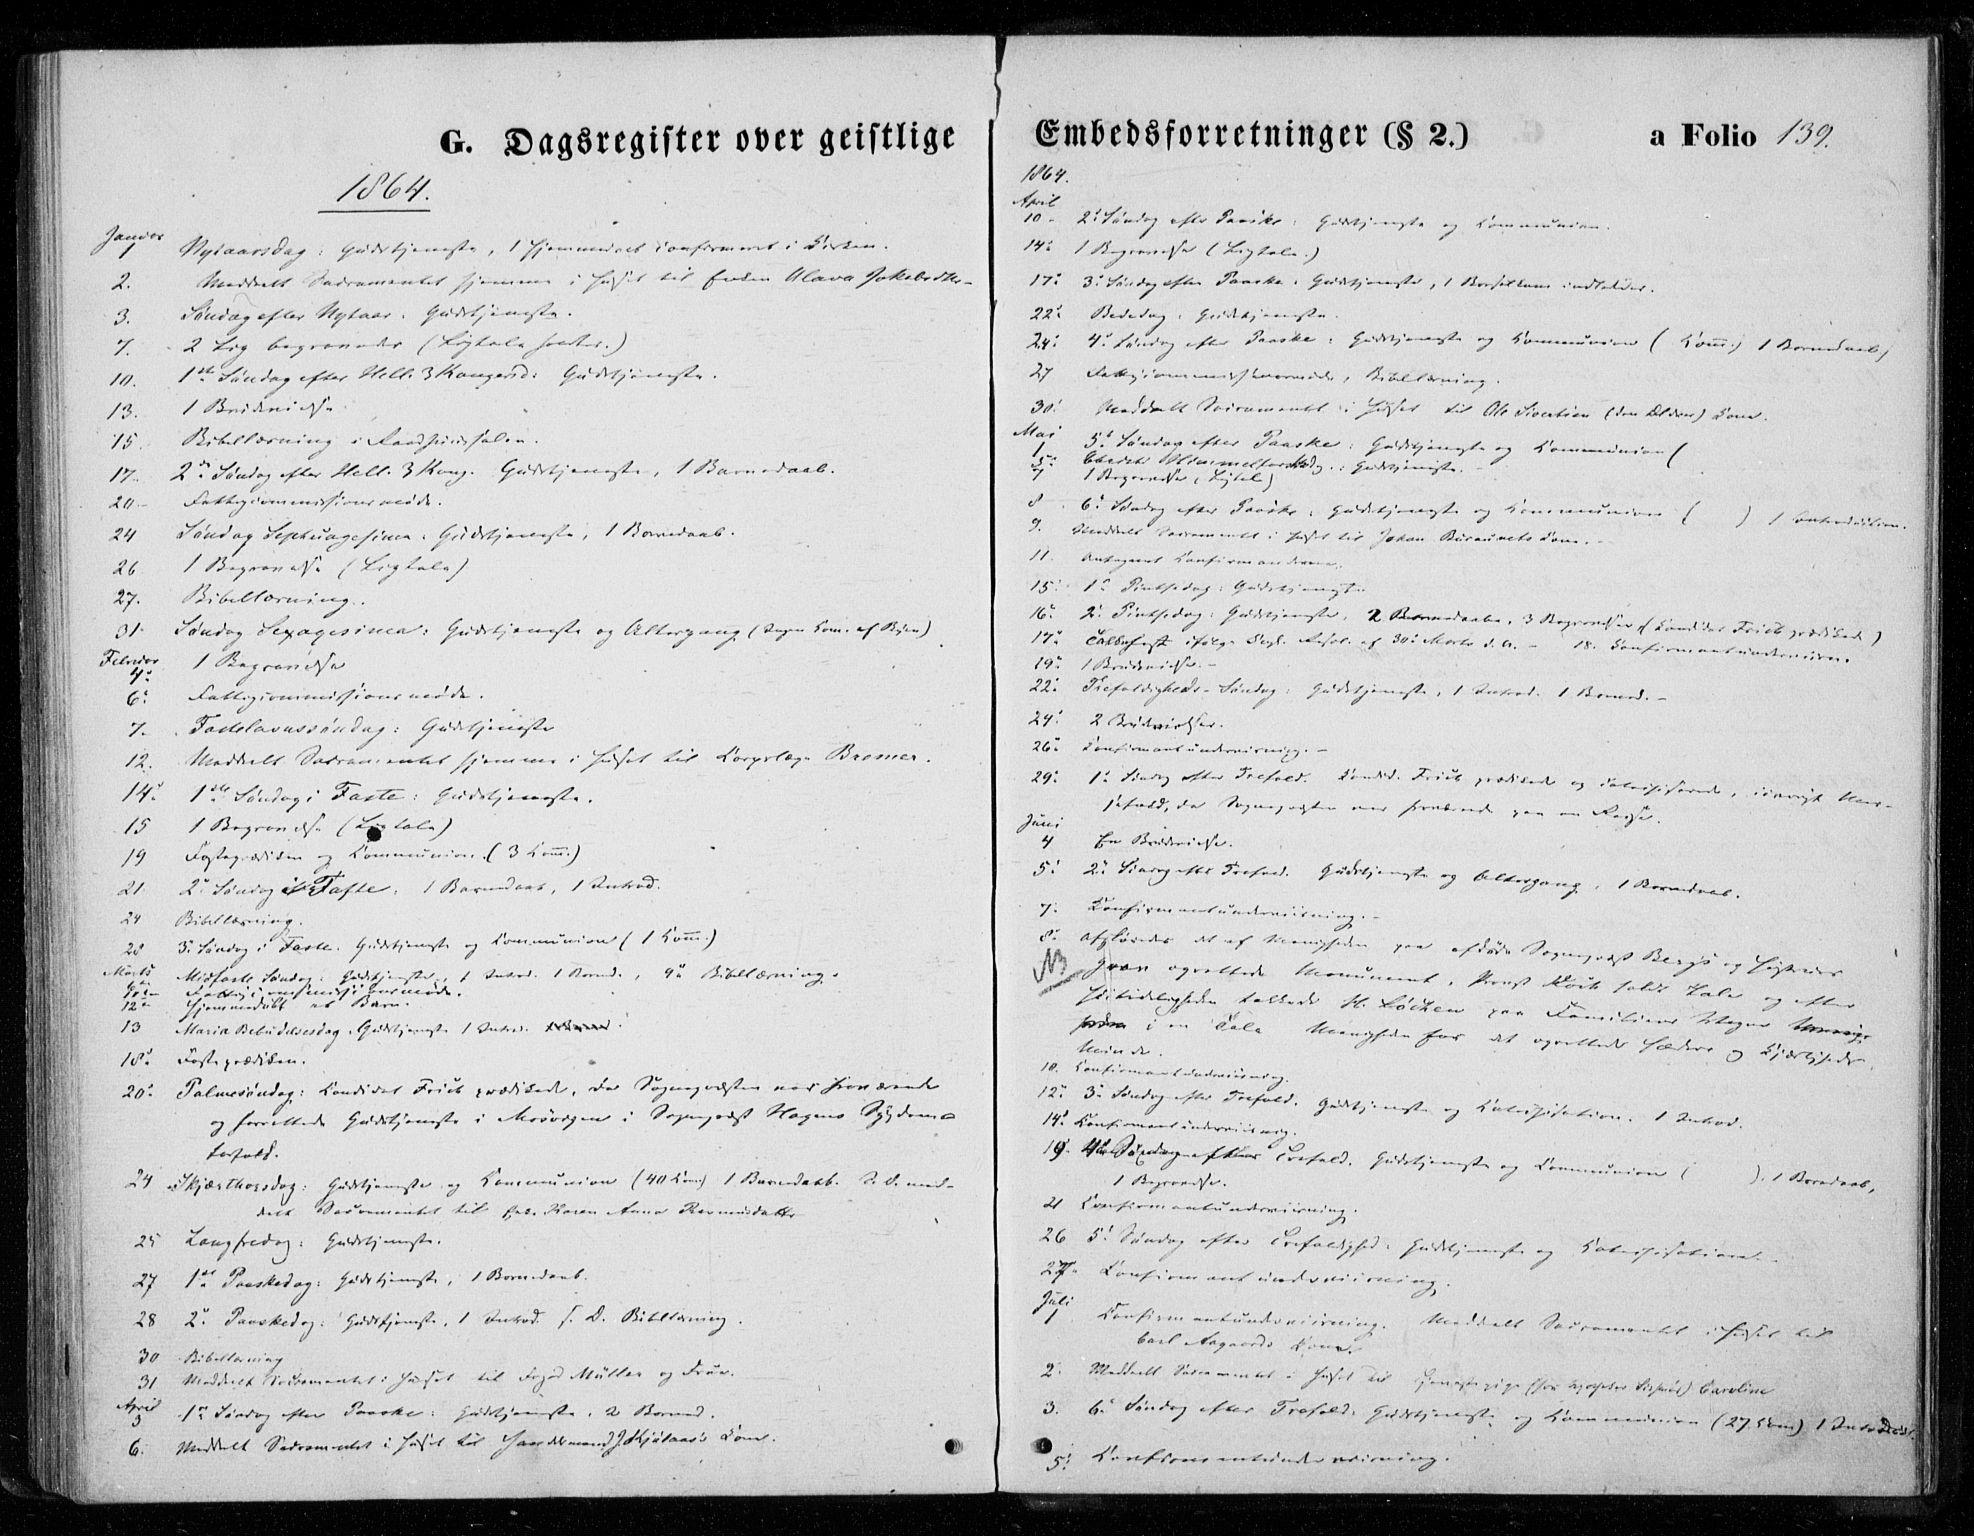 SAT, Ministerialprotokoller, klokkerbøker og fødselsregistre - Nord-Trøndelag, 720/L0186: Ministerialbok nr. 720A03, 1864-1874, s. 139